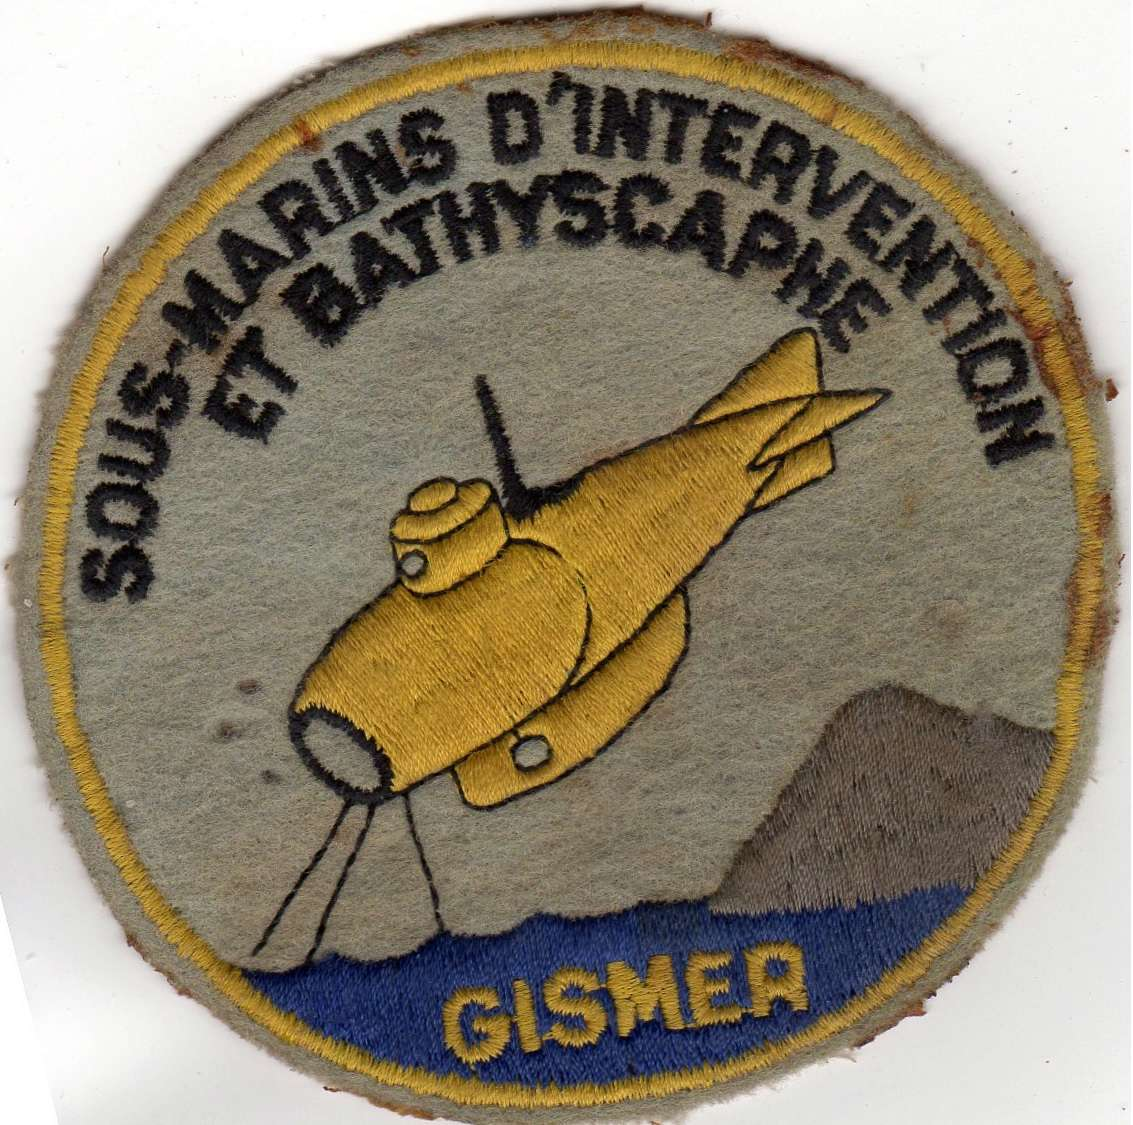 [Plongeurs démineurs] GISMER (Divisions des sous-marins et du bathyscaphe) - Page 8 Momo20